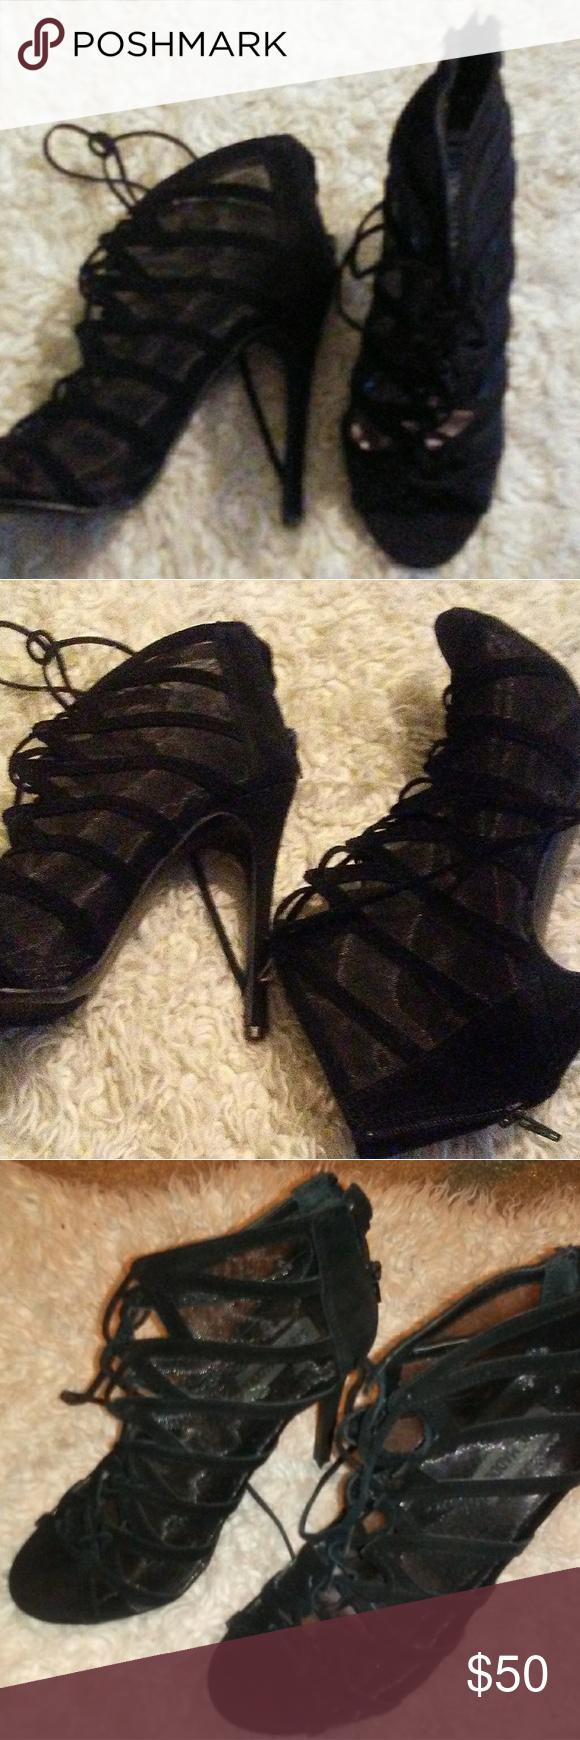 Escudriñar De este modo pronto  Steve Madden Suede and Mesh pump | Steve madden, Shoes women heels, Steve  madden shoes heels